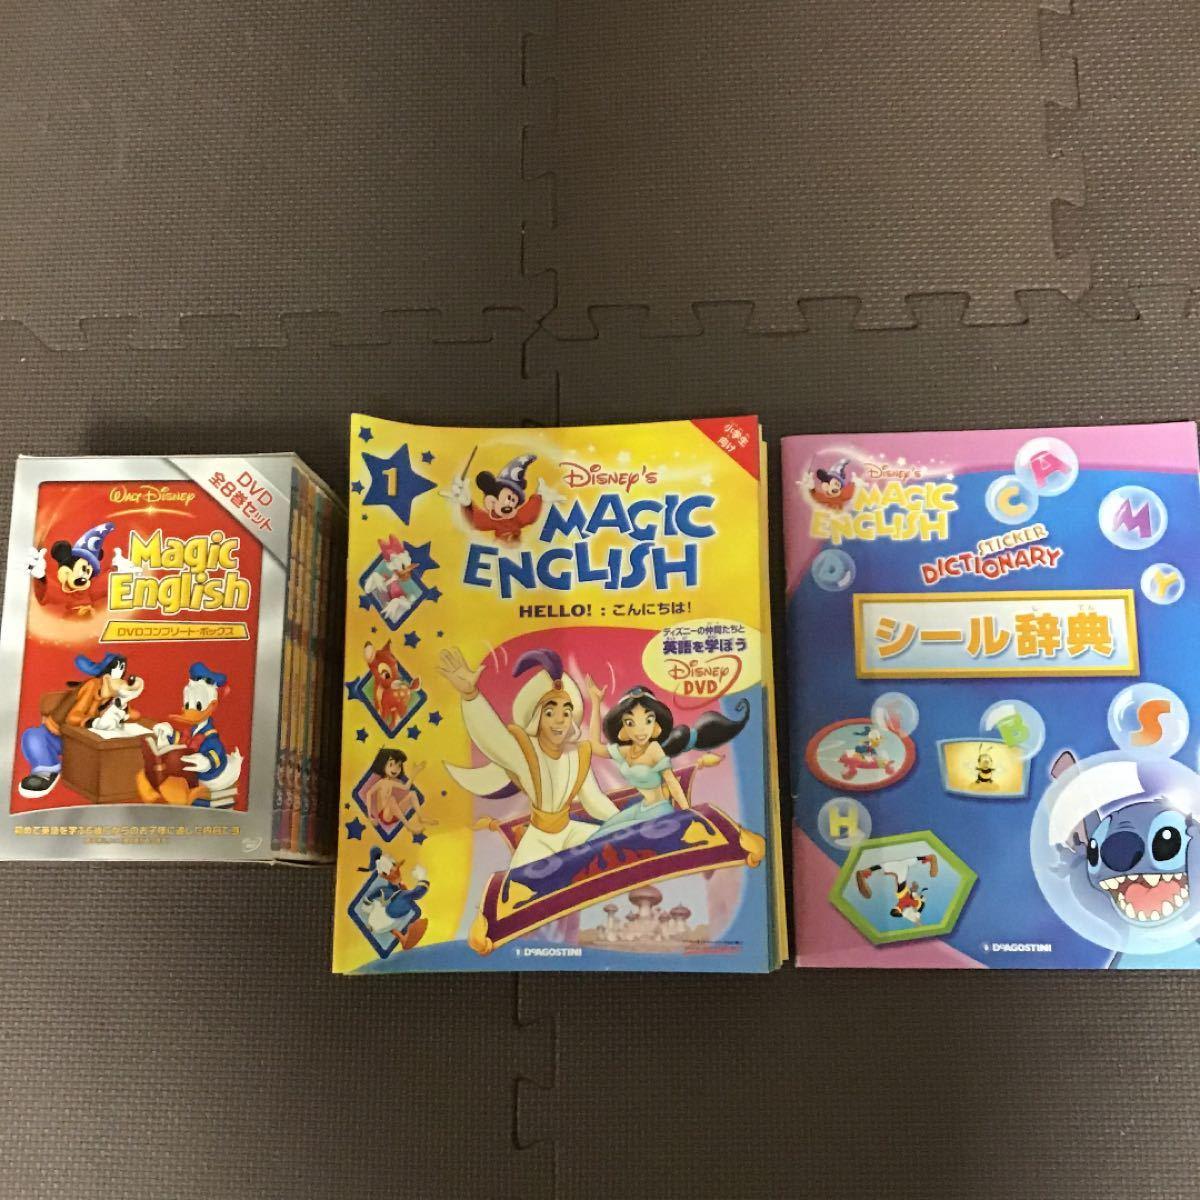 ディズニー マジックイングリッシュ DVDコンプリートボックス テキスト